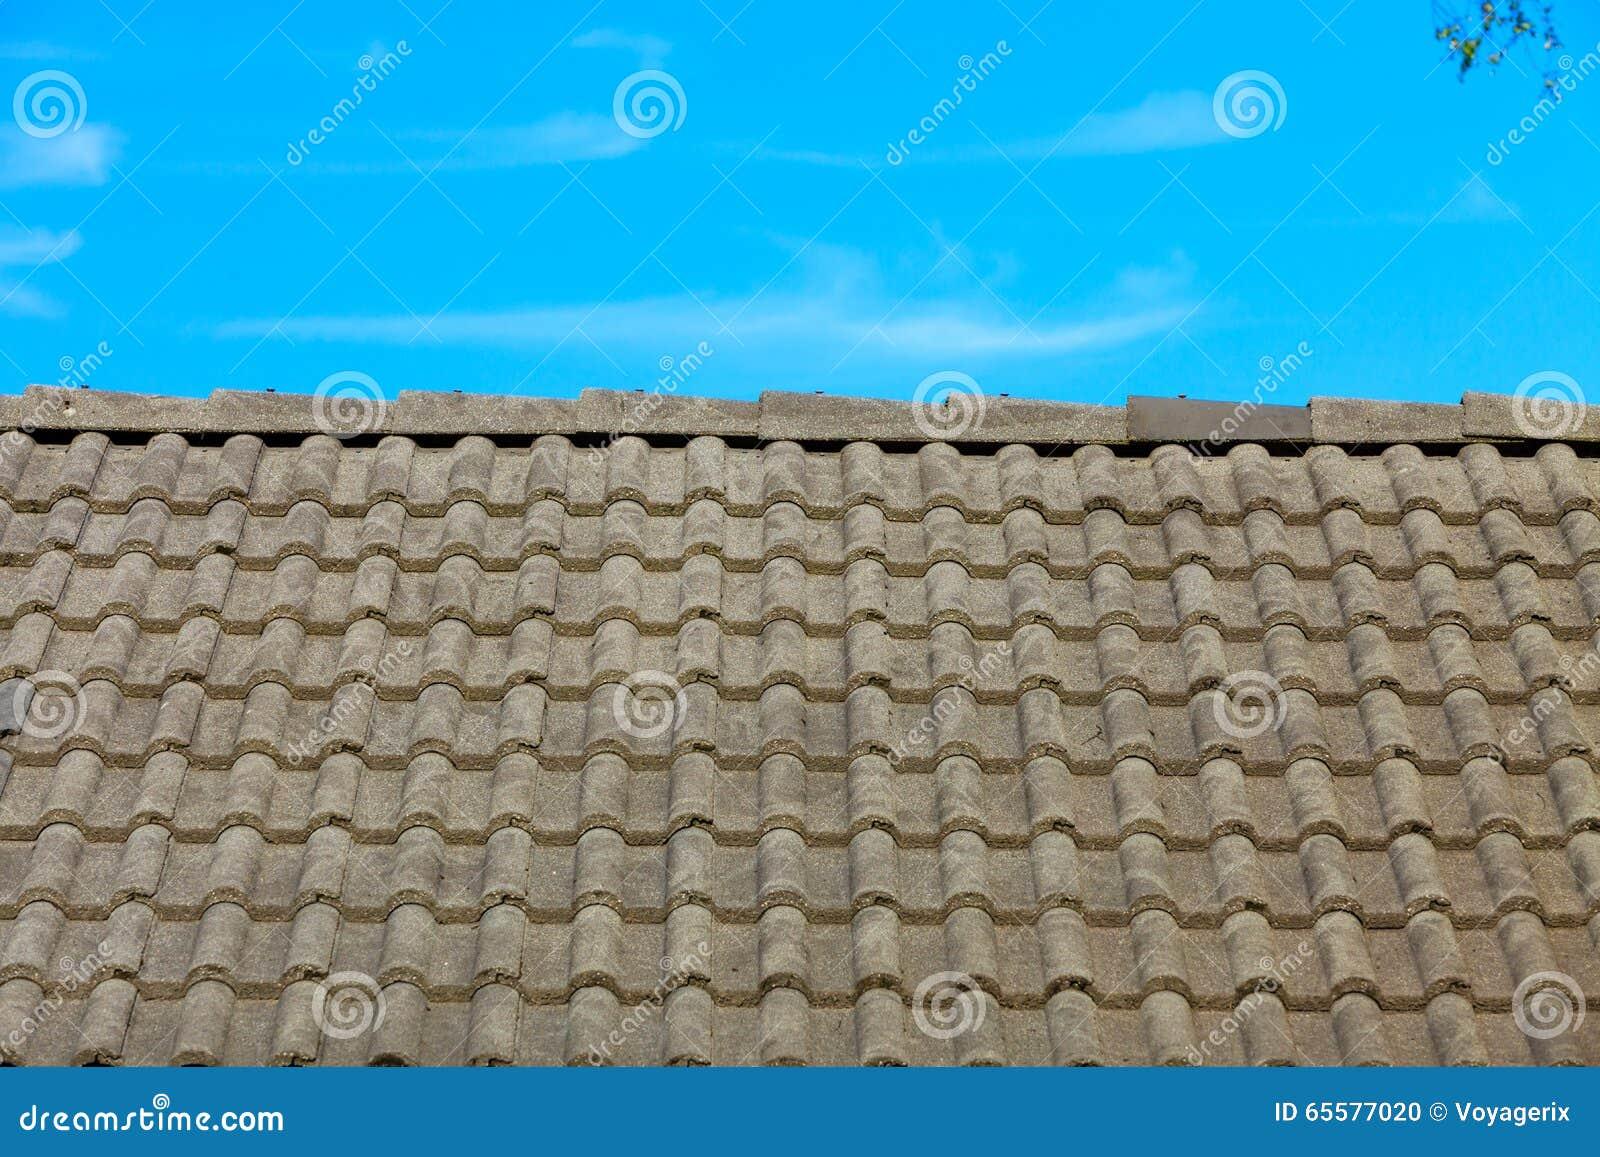 Fundo da arquitetura da textura do telhado de telhas de Brown